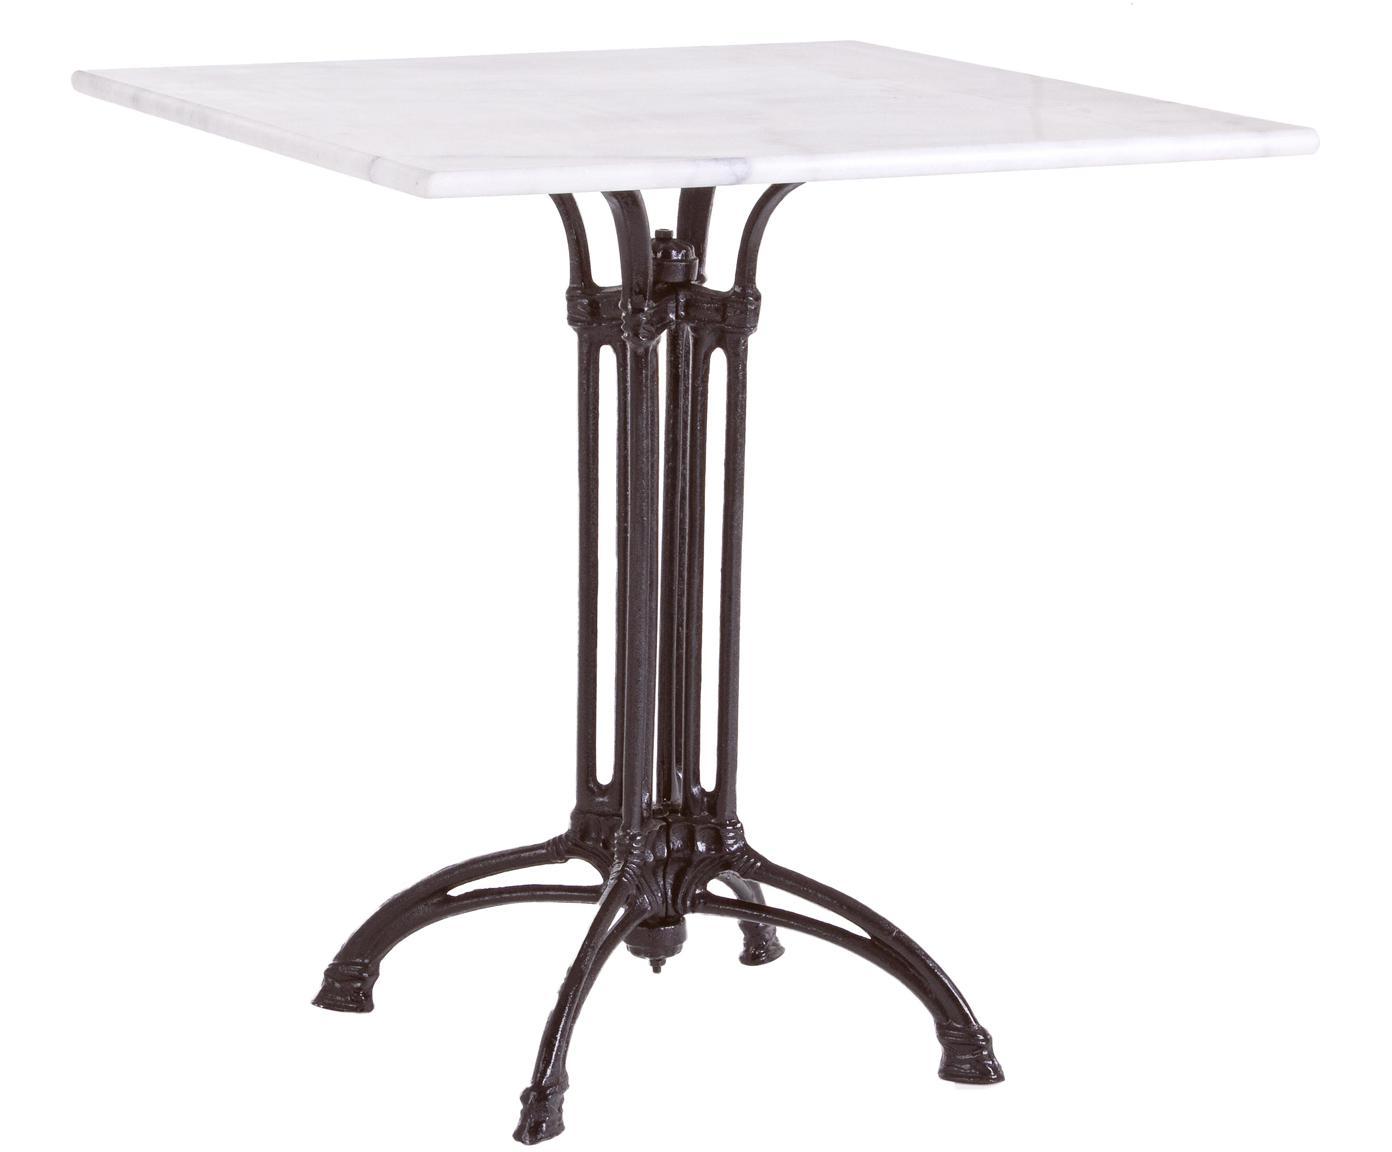 Gartentisch Loren mit Marmorplatte, Tischplatte: Marmor, Gestell: Stahl, beschichtet, Schwarz, Weiß, marmoriert, 70 x 71 cm